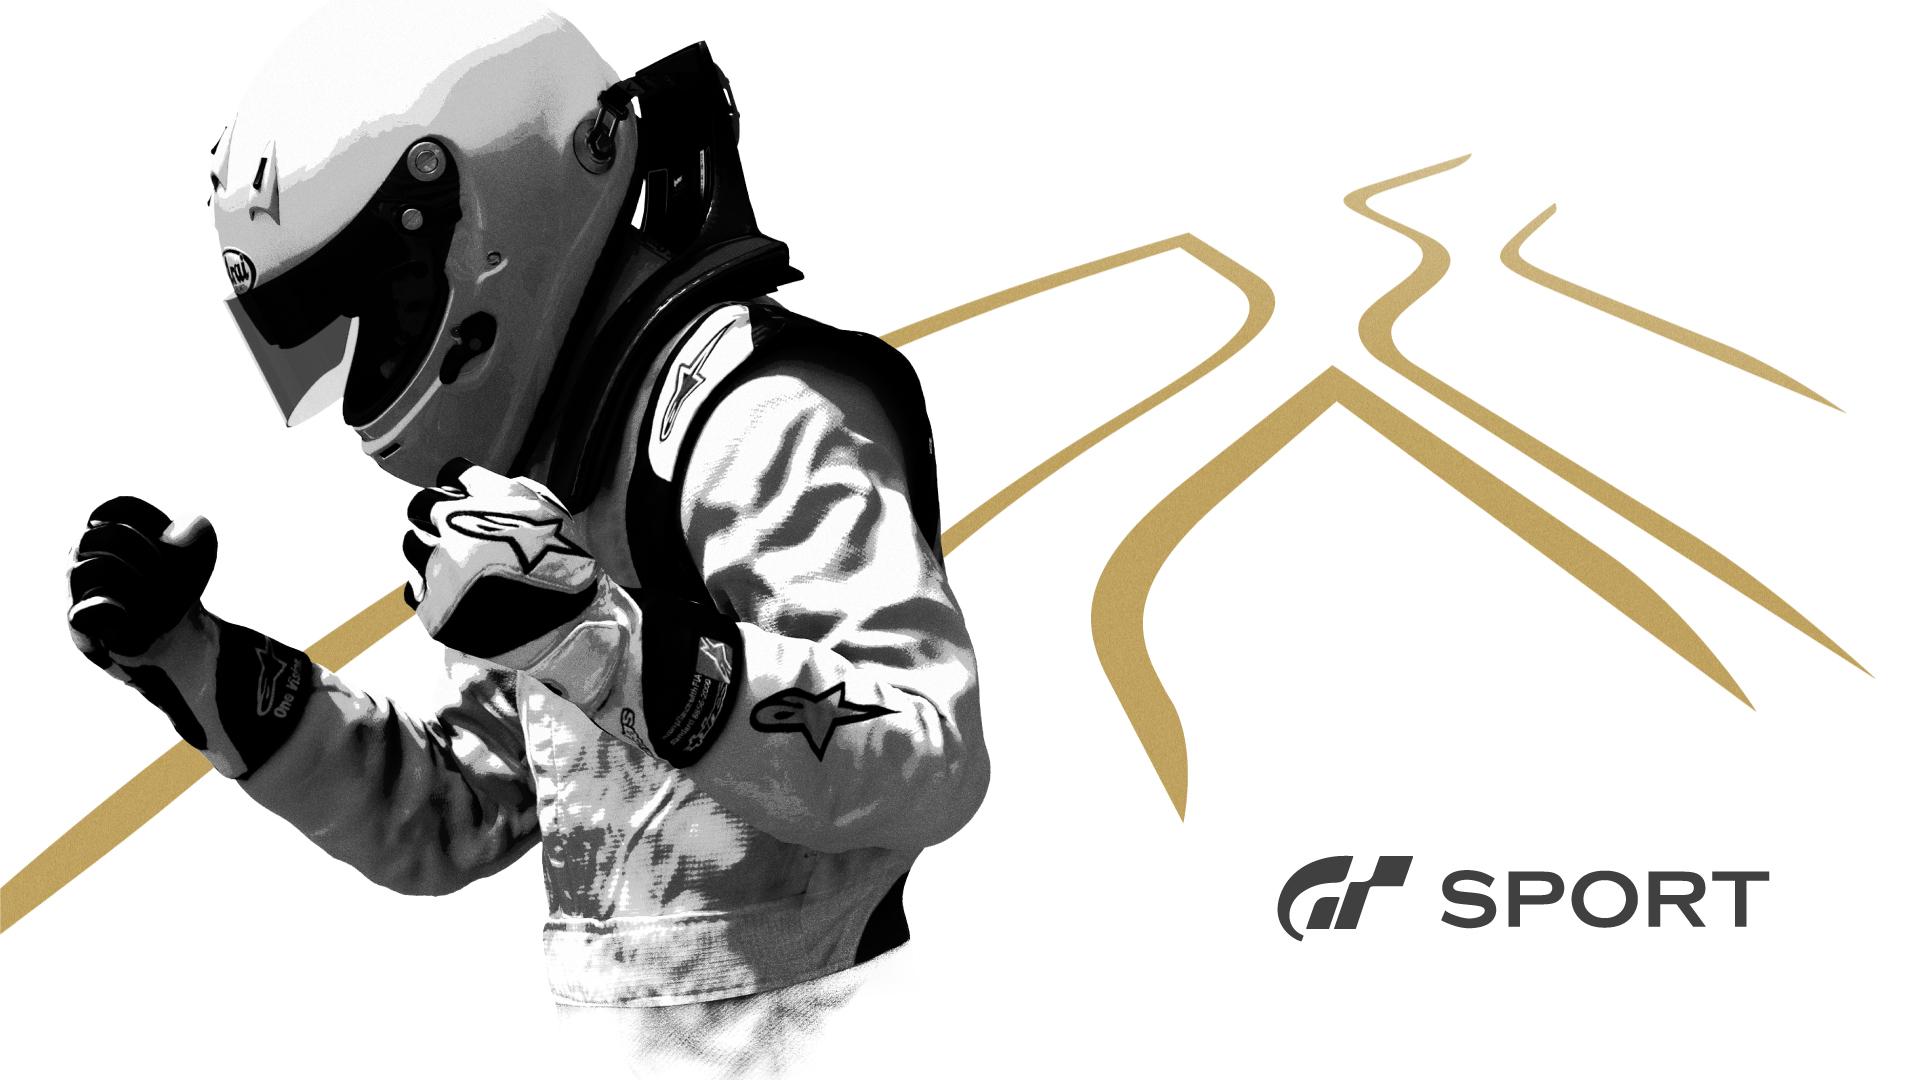 Photo of Evento de Apresentação do GT Sport no Autódromo do Estoril